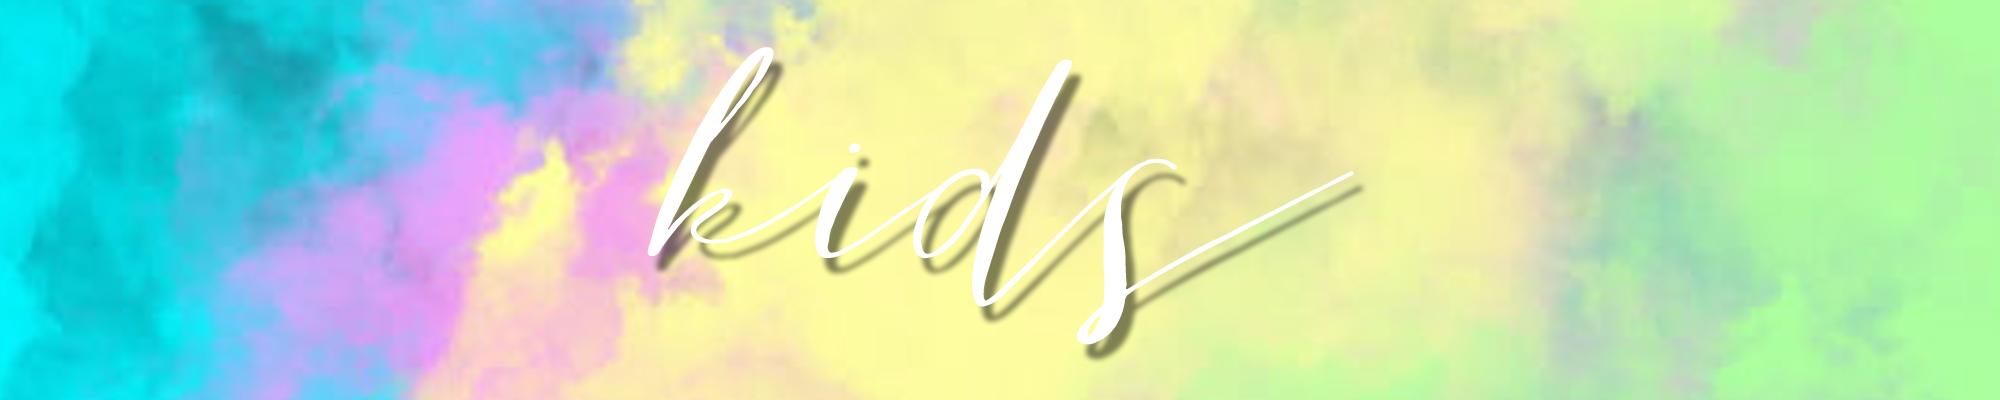 kids-2021-banner.jpg